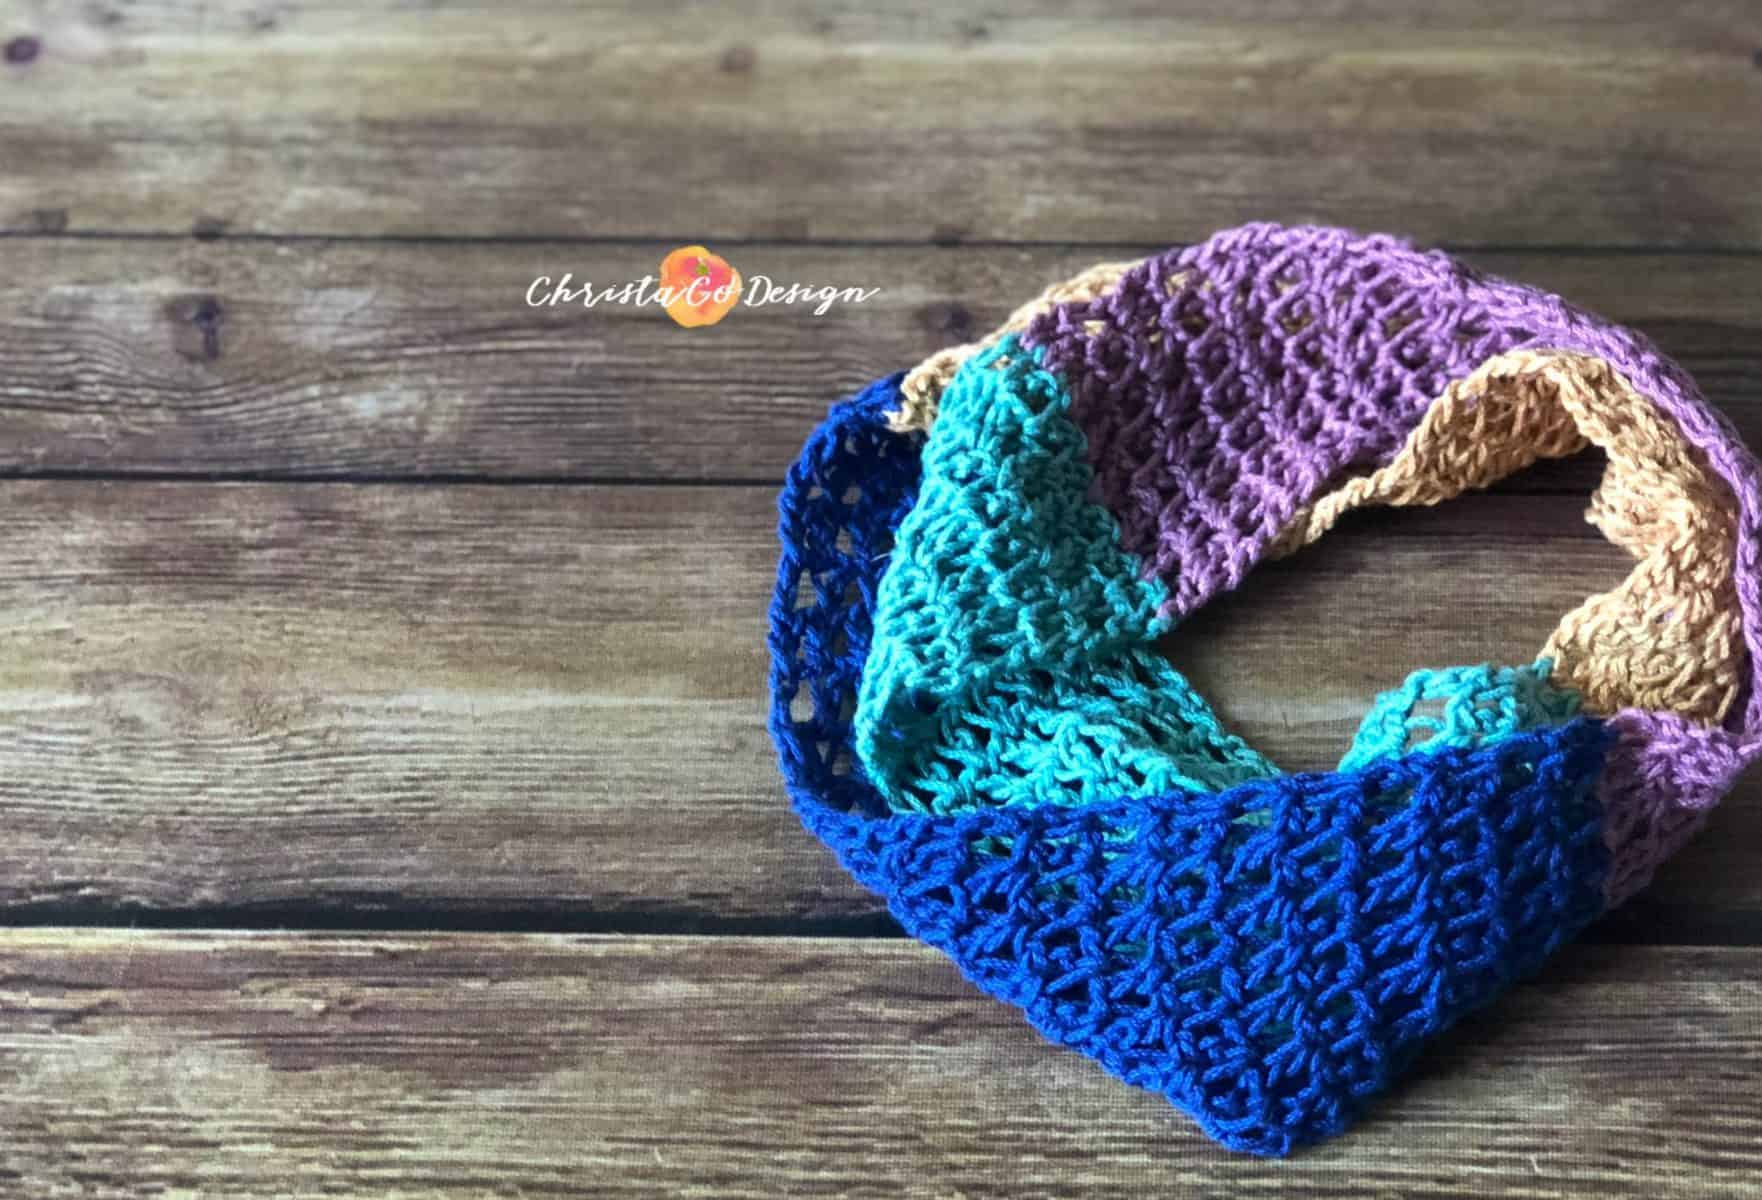 Crochet Colorblock Cowl Free Pattern